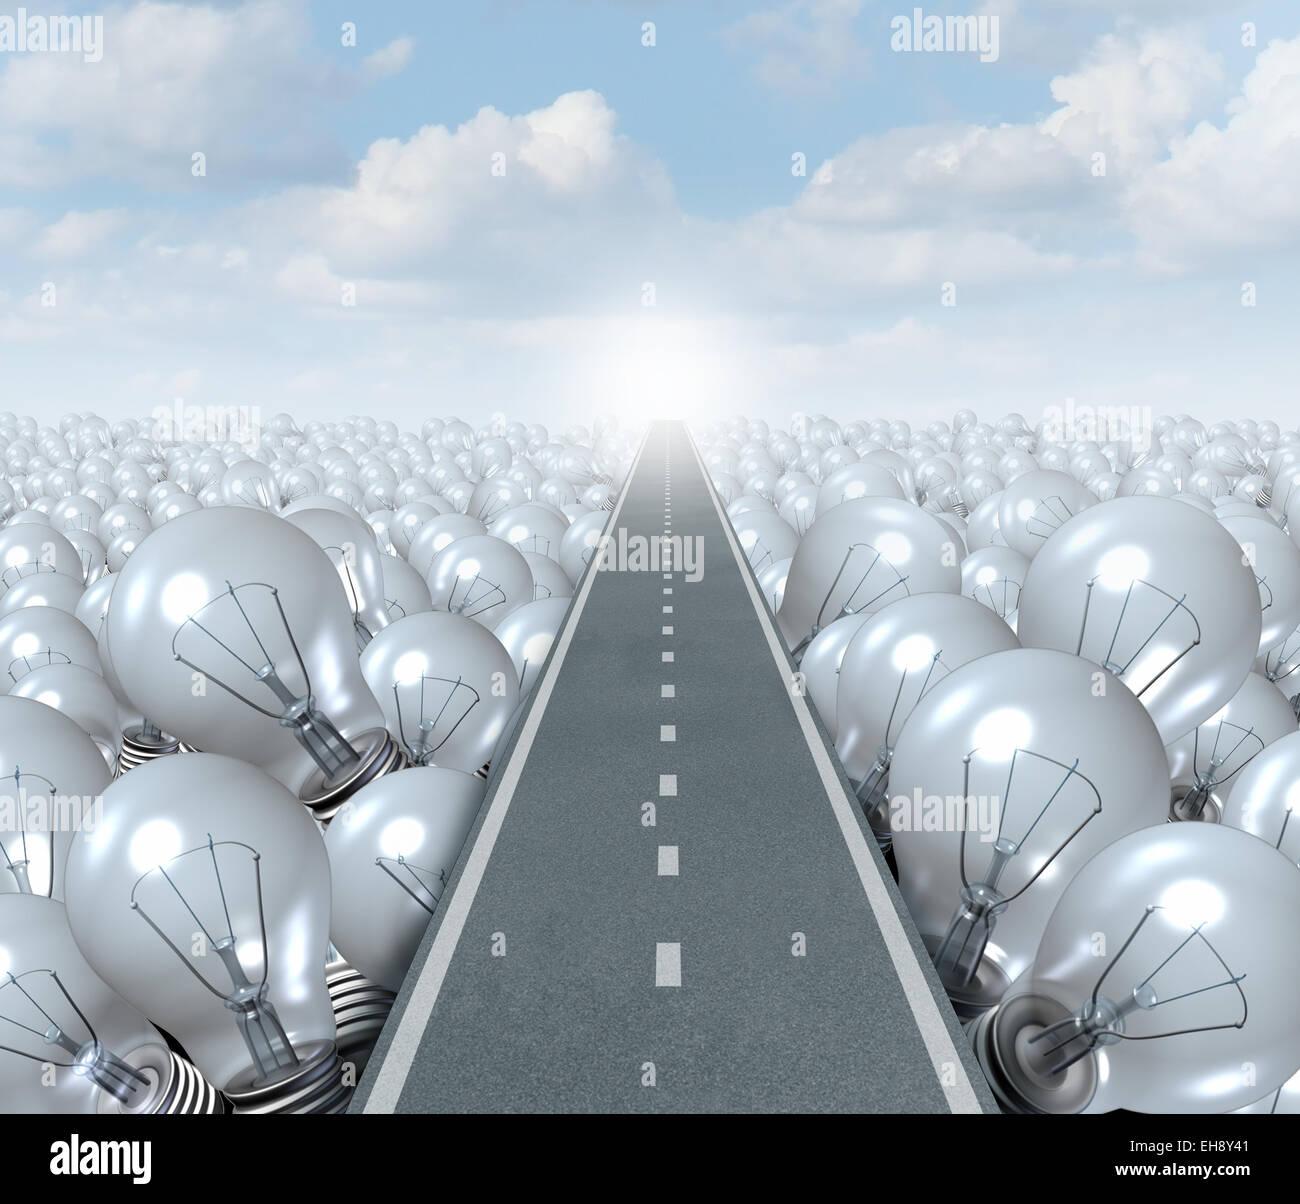 Idee-Straße und kreativen Weg-Business-Konzept als Straße oder Autobahn schneiden durch eine Landschaft Stockbild